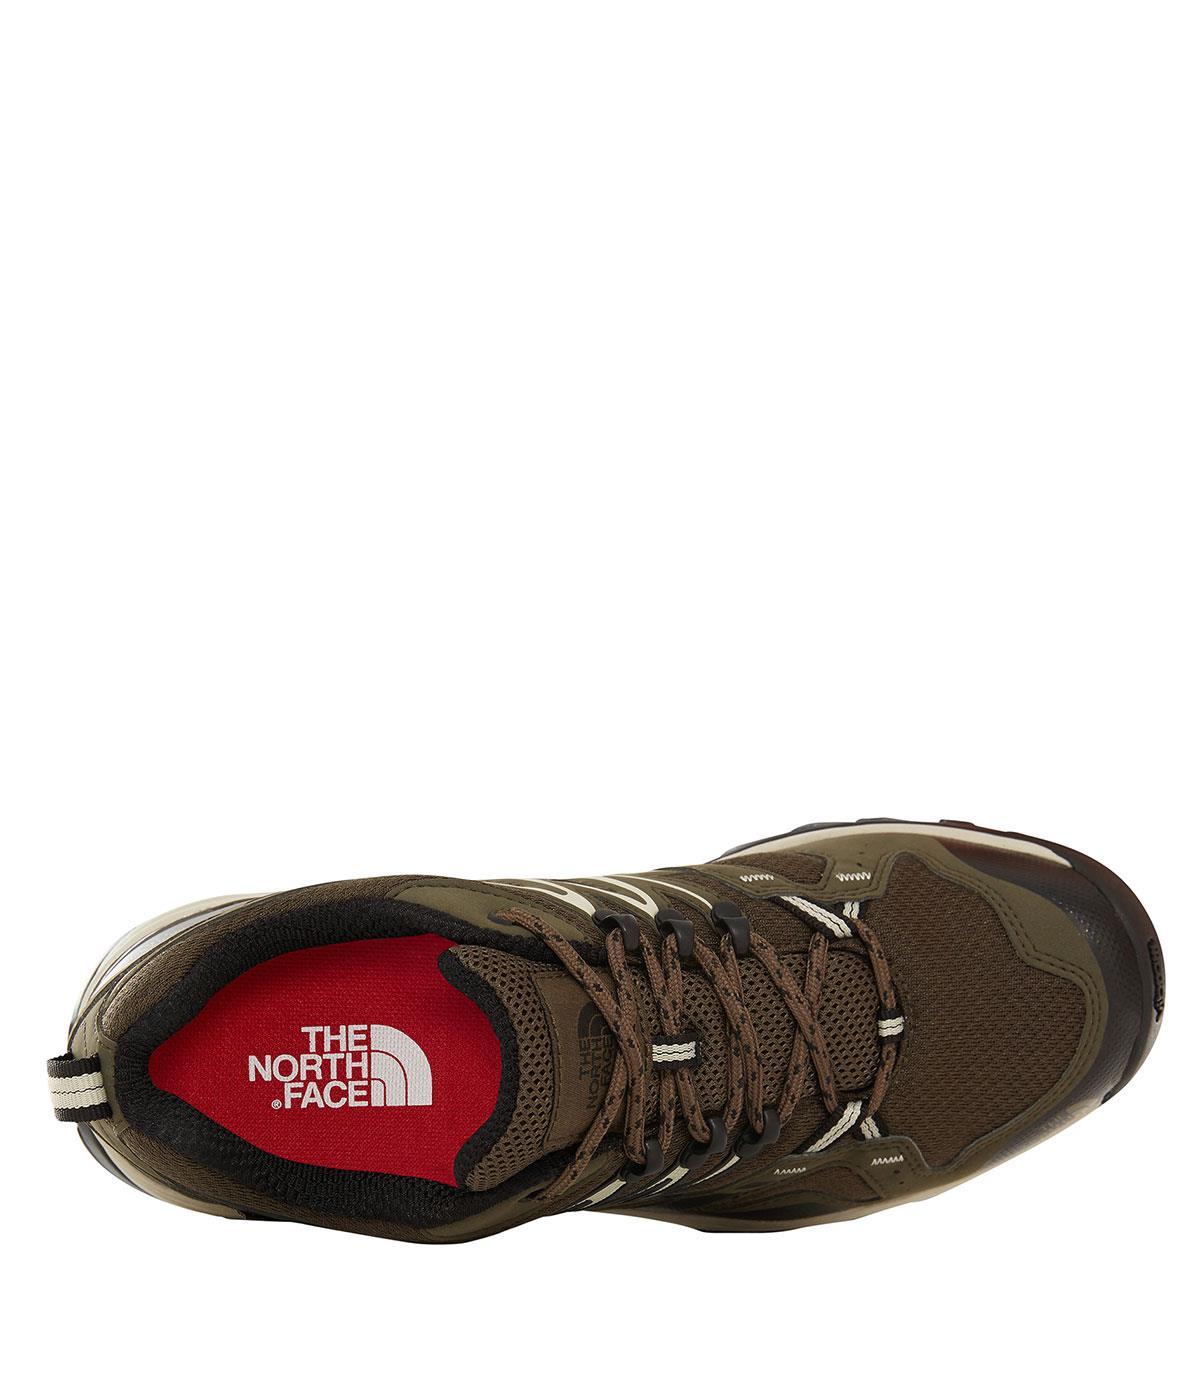 The Northface Erkek Hedgehog Fastpack Gtx (Eu) ayakkabı  Nf00Cxt3Bqw1